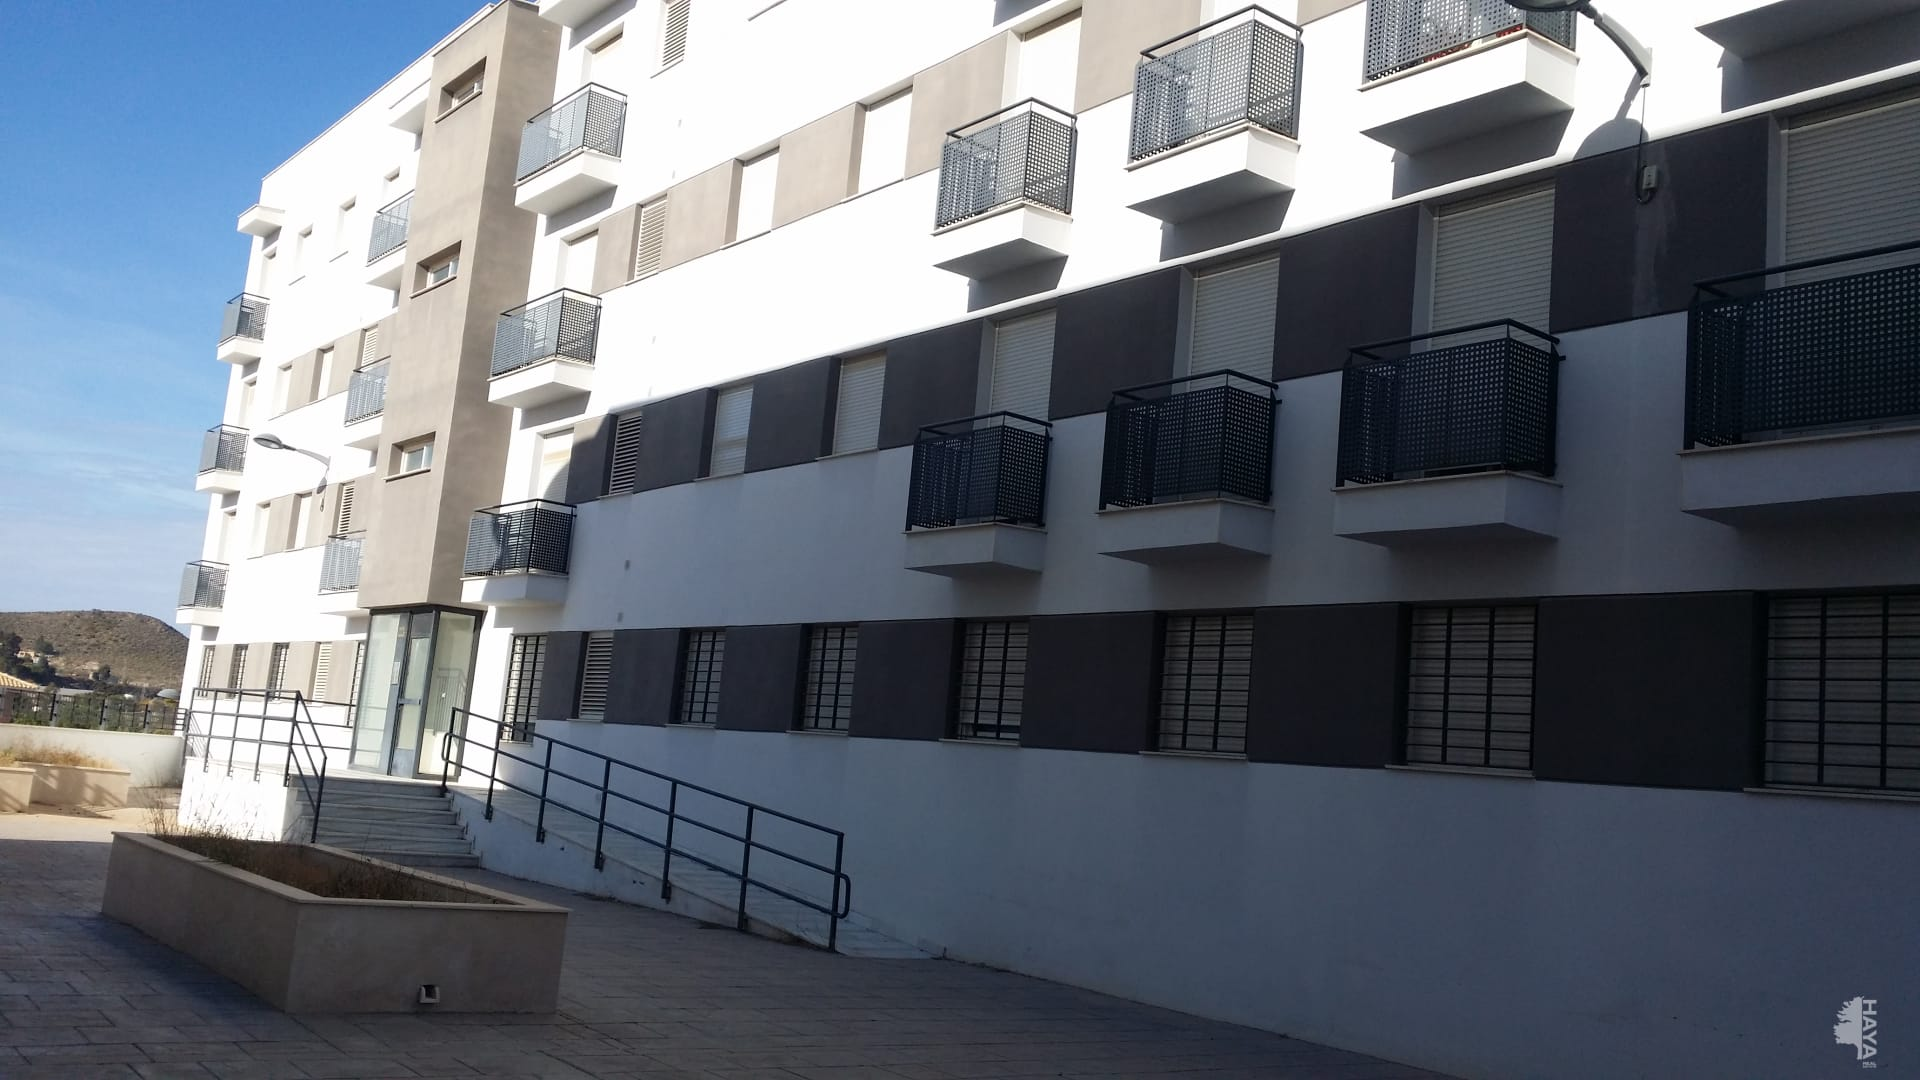 Piso en venta en Olula del Río, Almería, Calle Alta, 72.000 €, 3 habitaciones, 1 baño, 101 m2